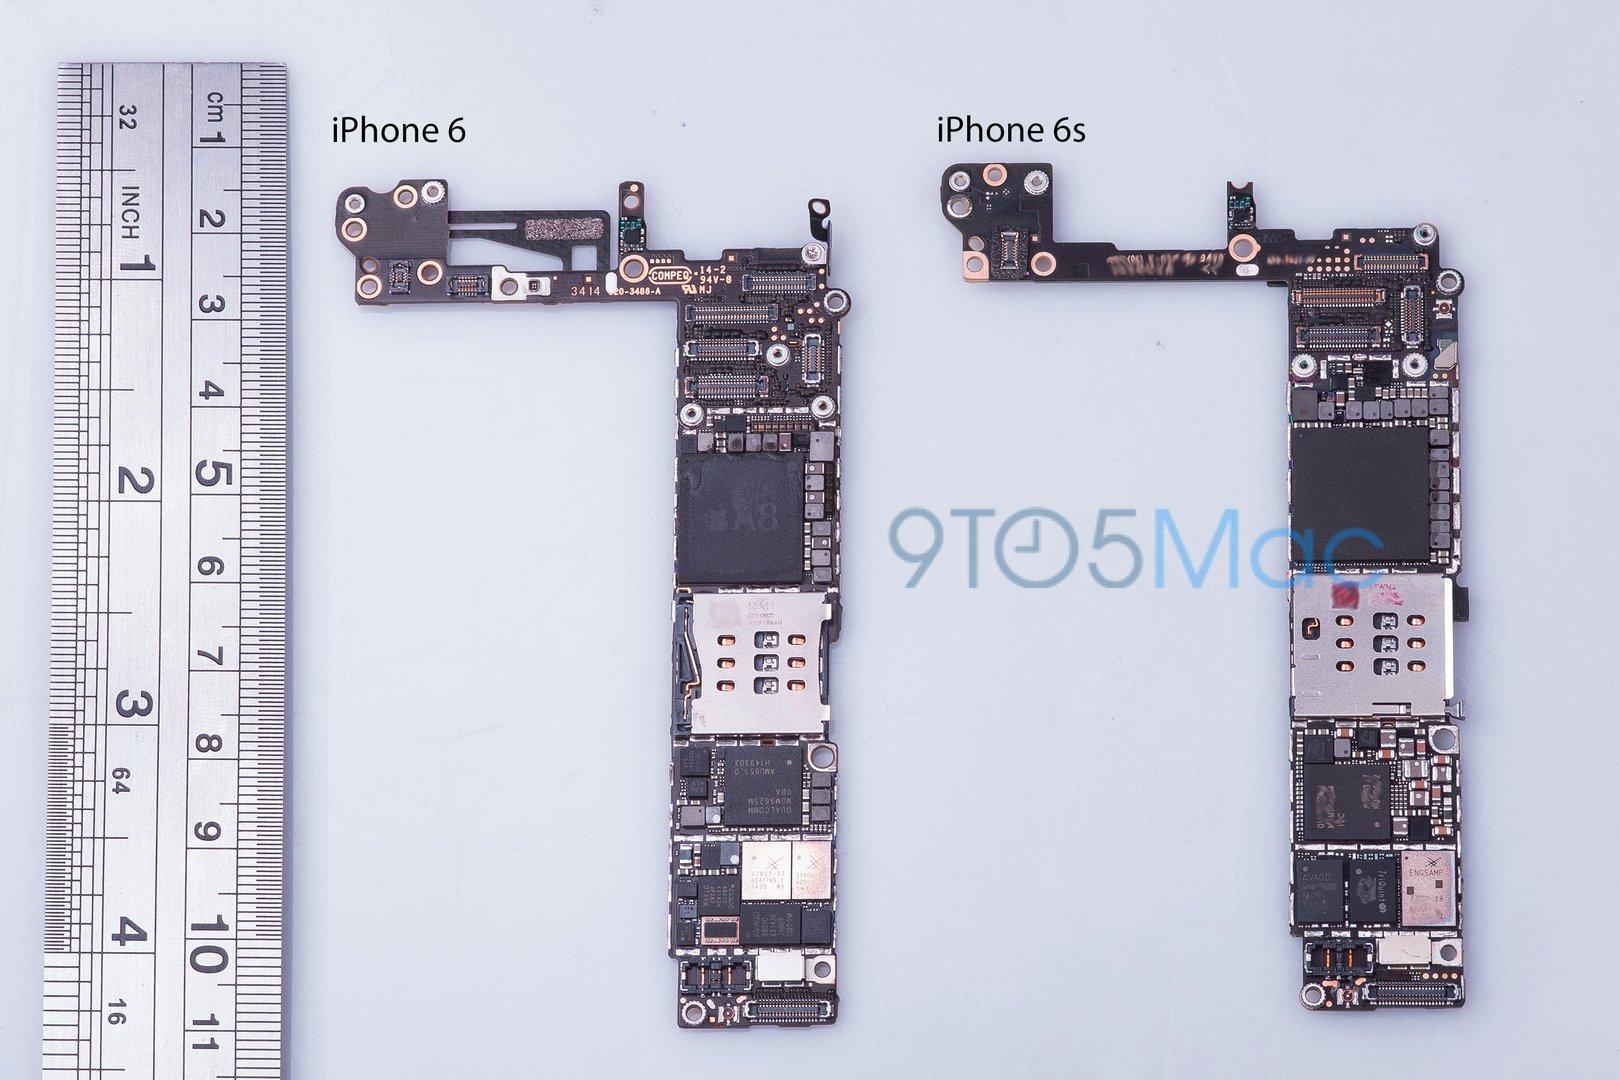 Hauptplatinen: iPhone 6 (links) und iPhone 6s (rechts)